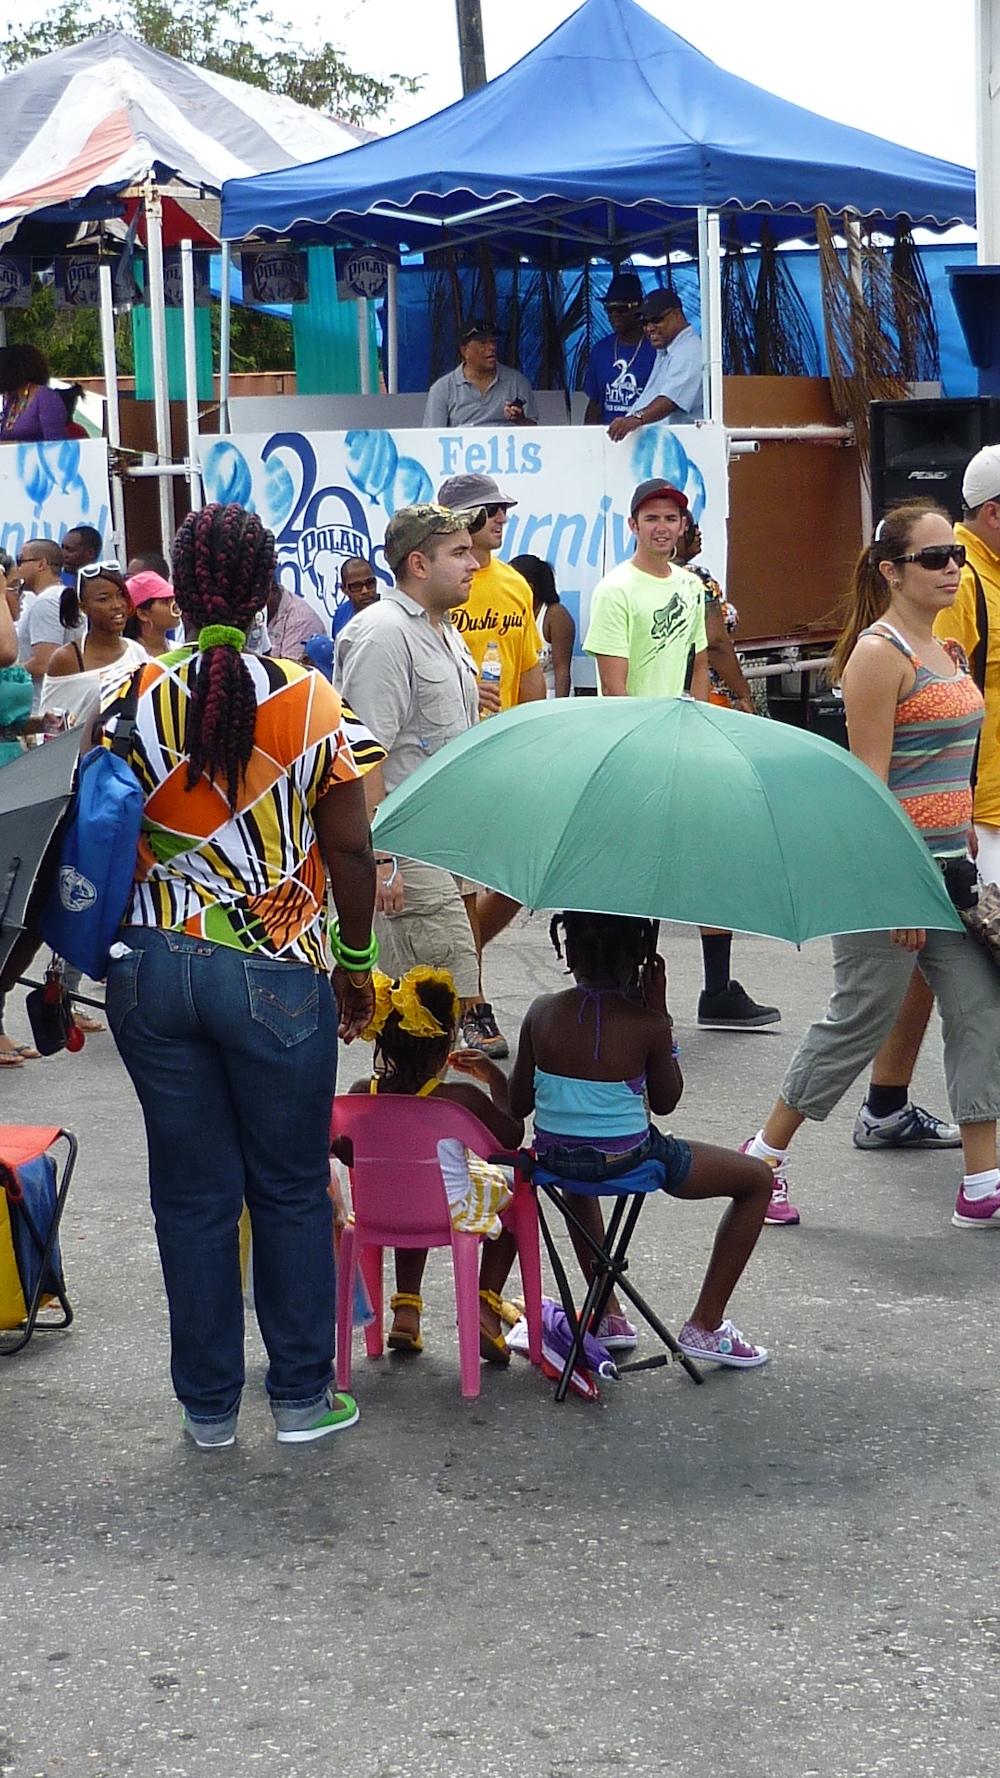 Carnaval op Curacao